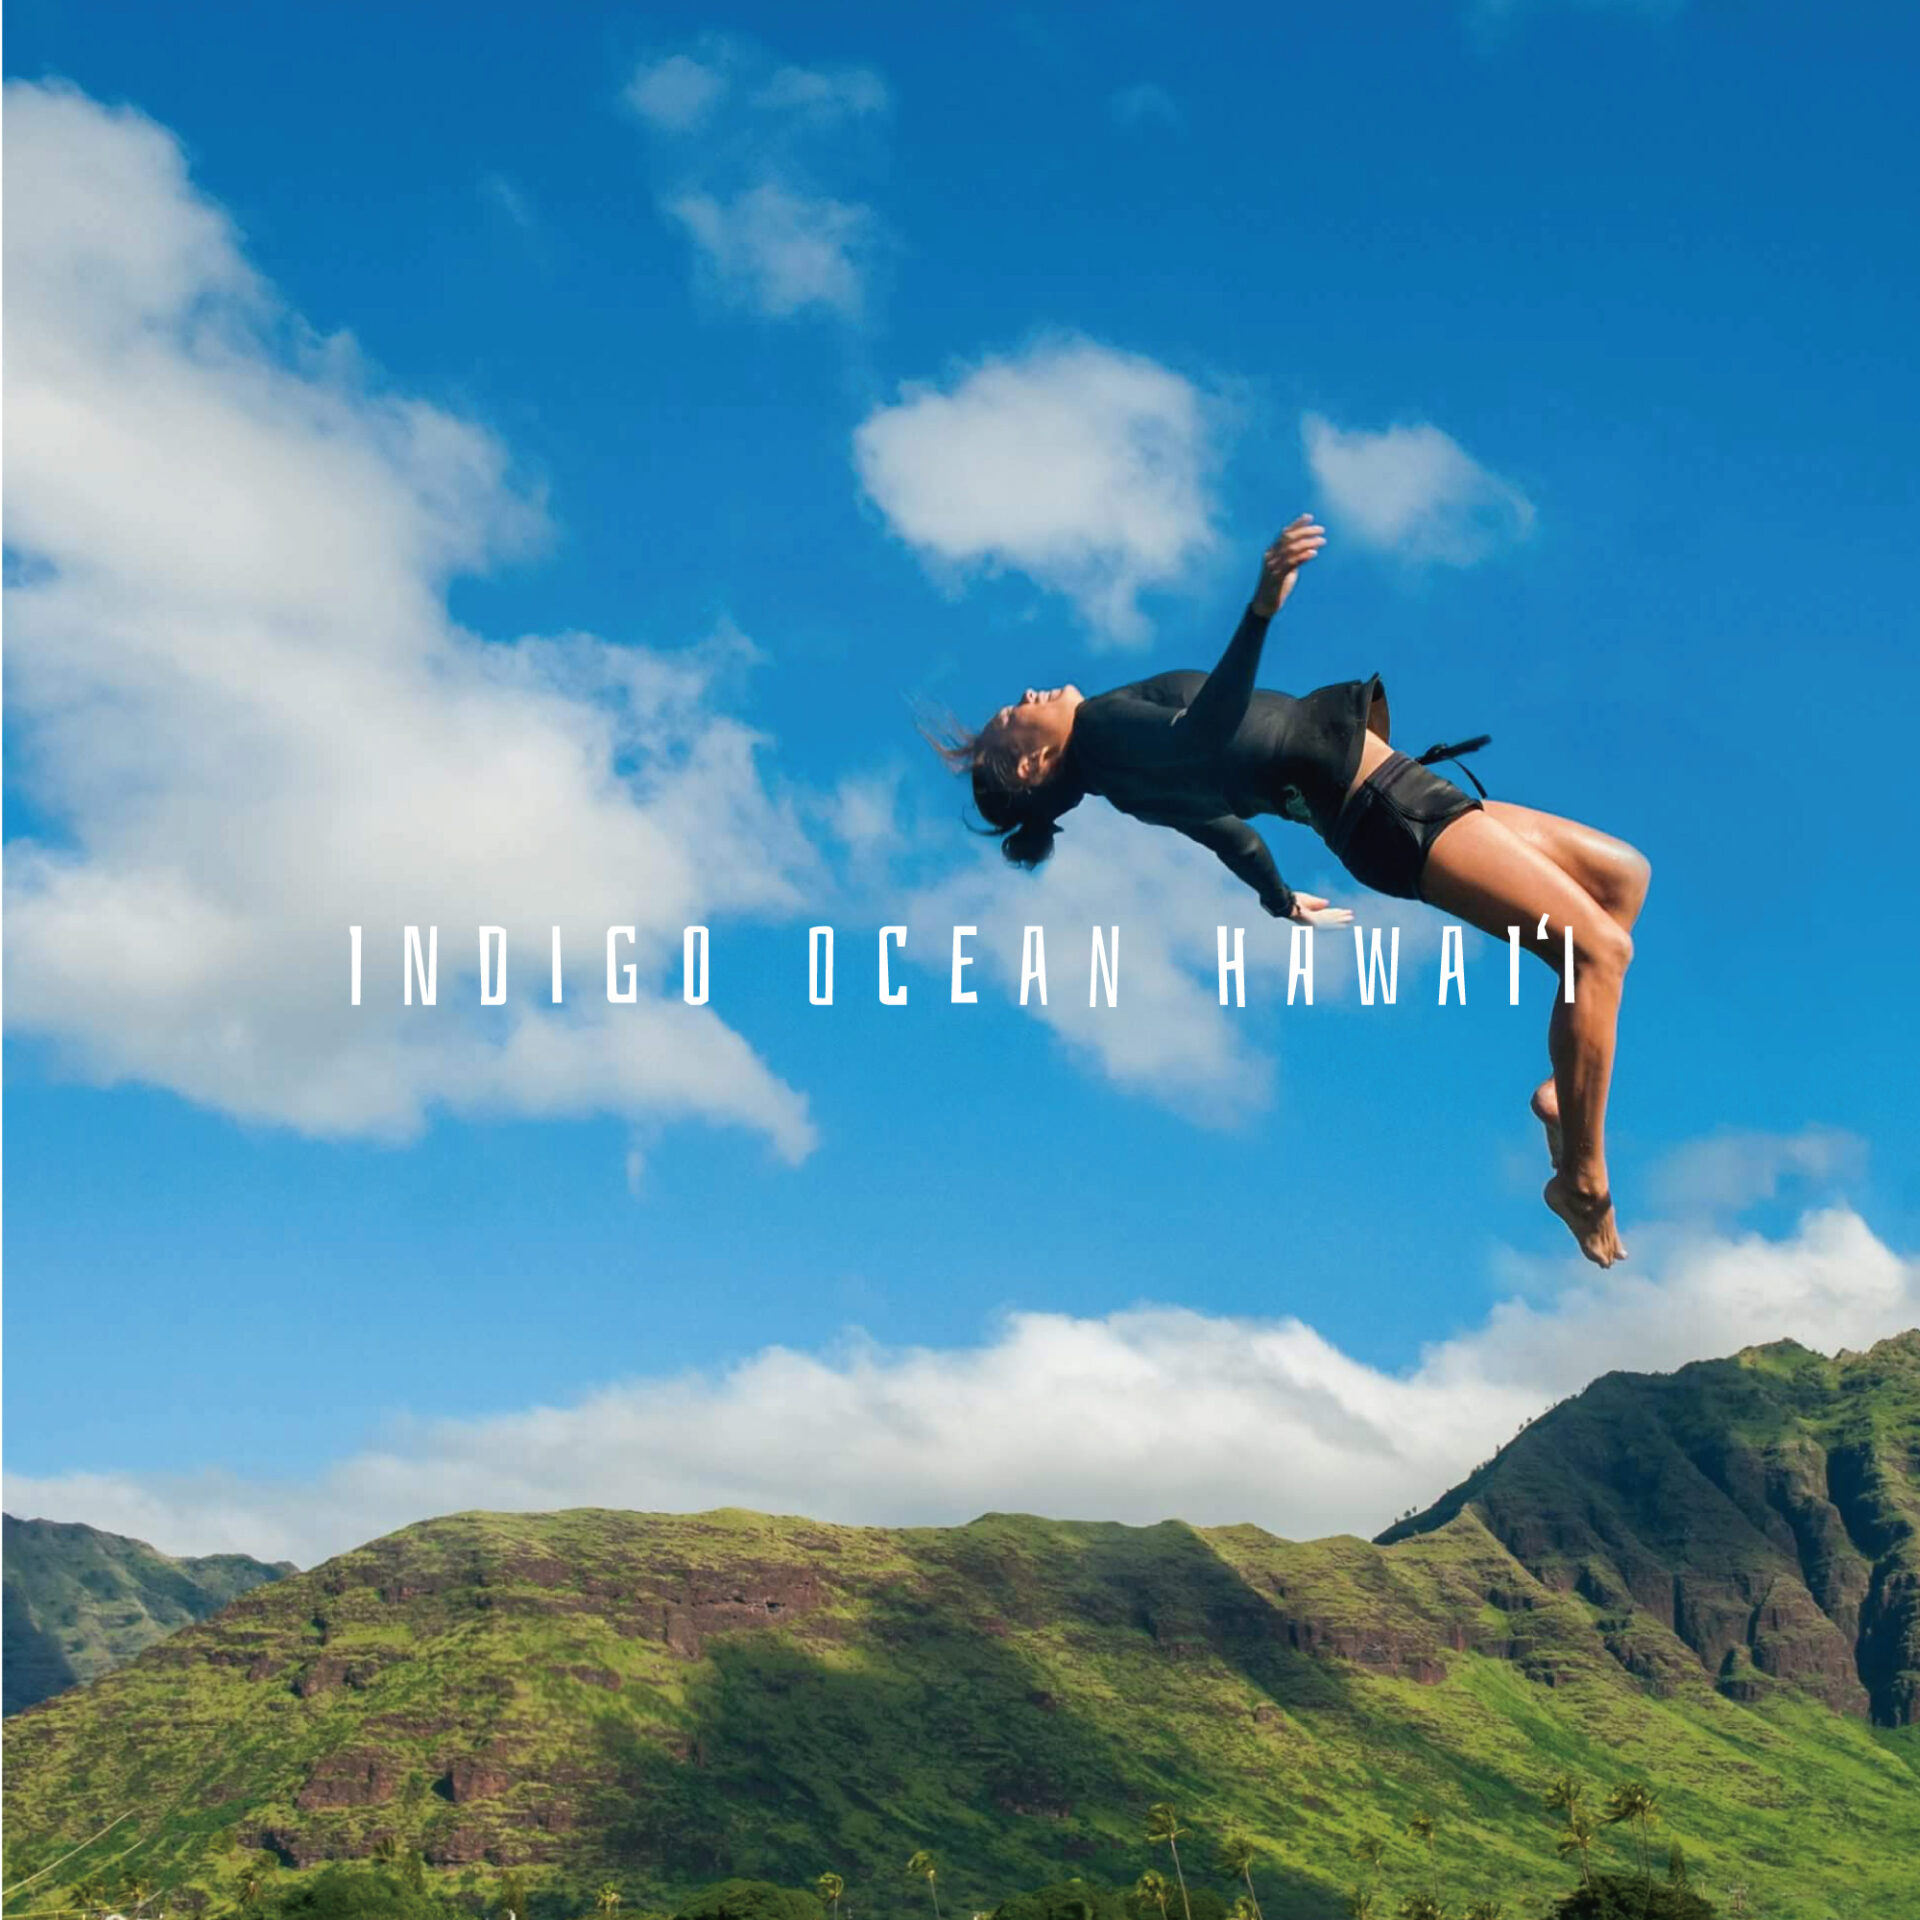 Indigo Ocean Hawaii